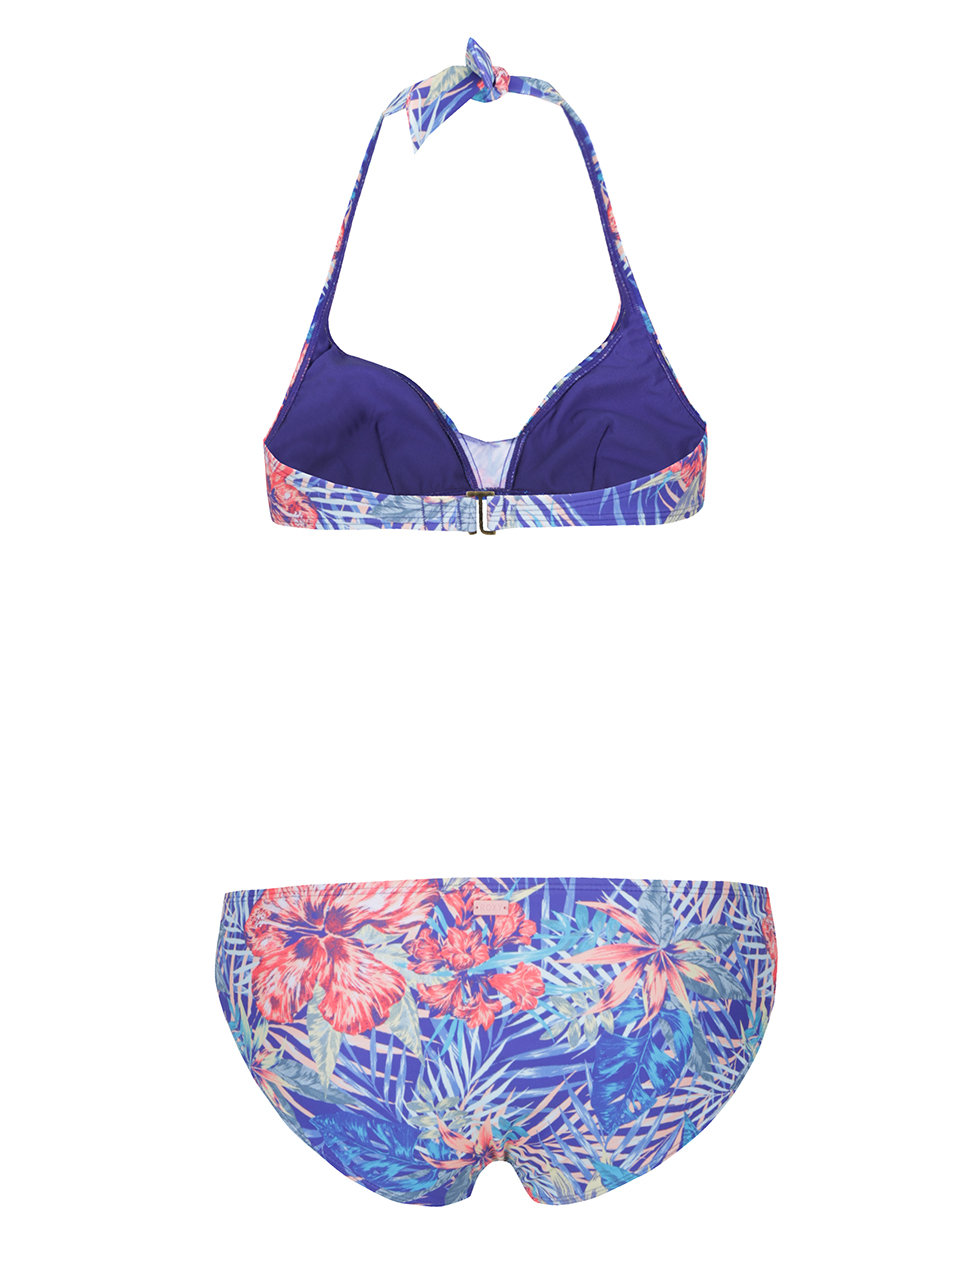 76d9a5de5f1 Modré dámské dvoudílné plavky s tropickým vzorem Roxy Mix ...